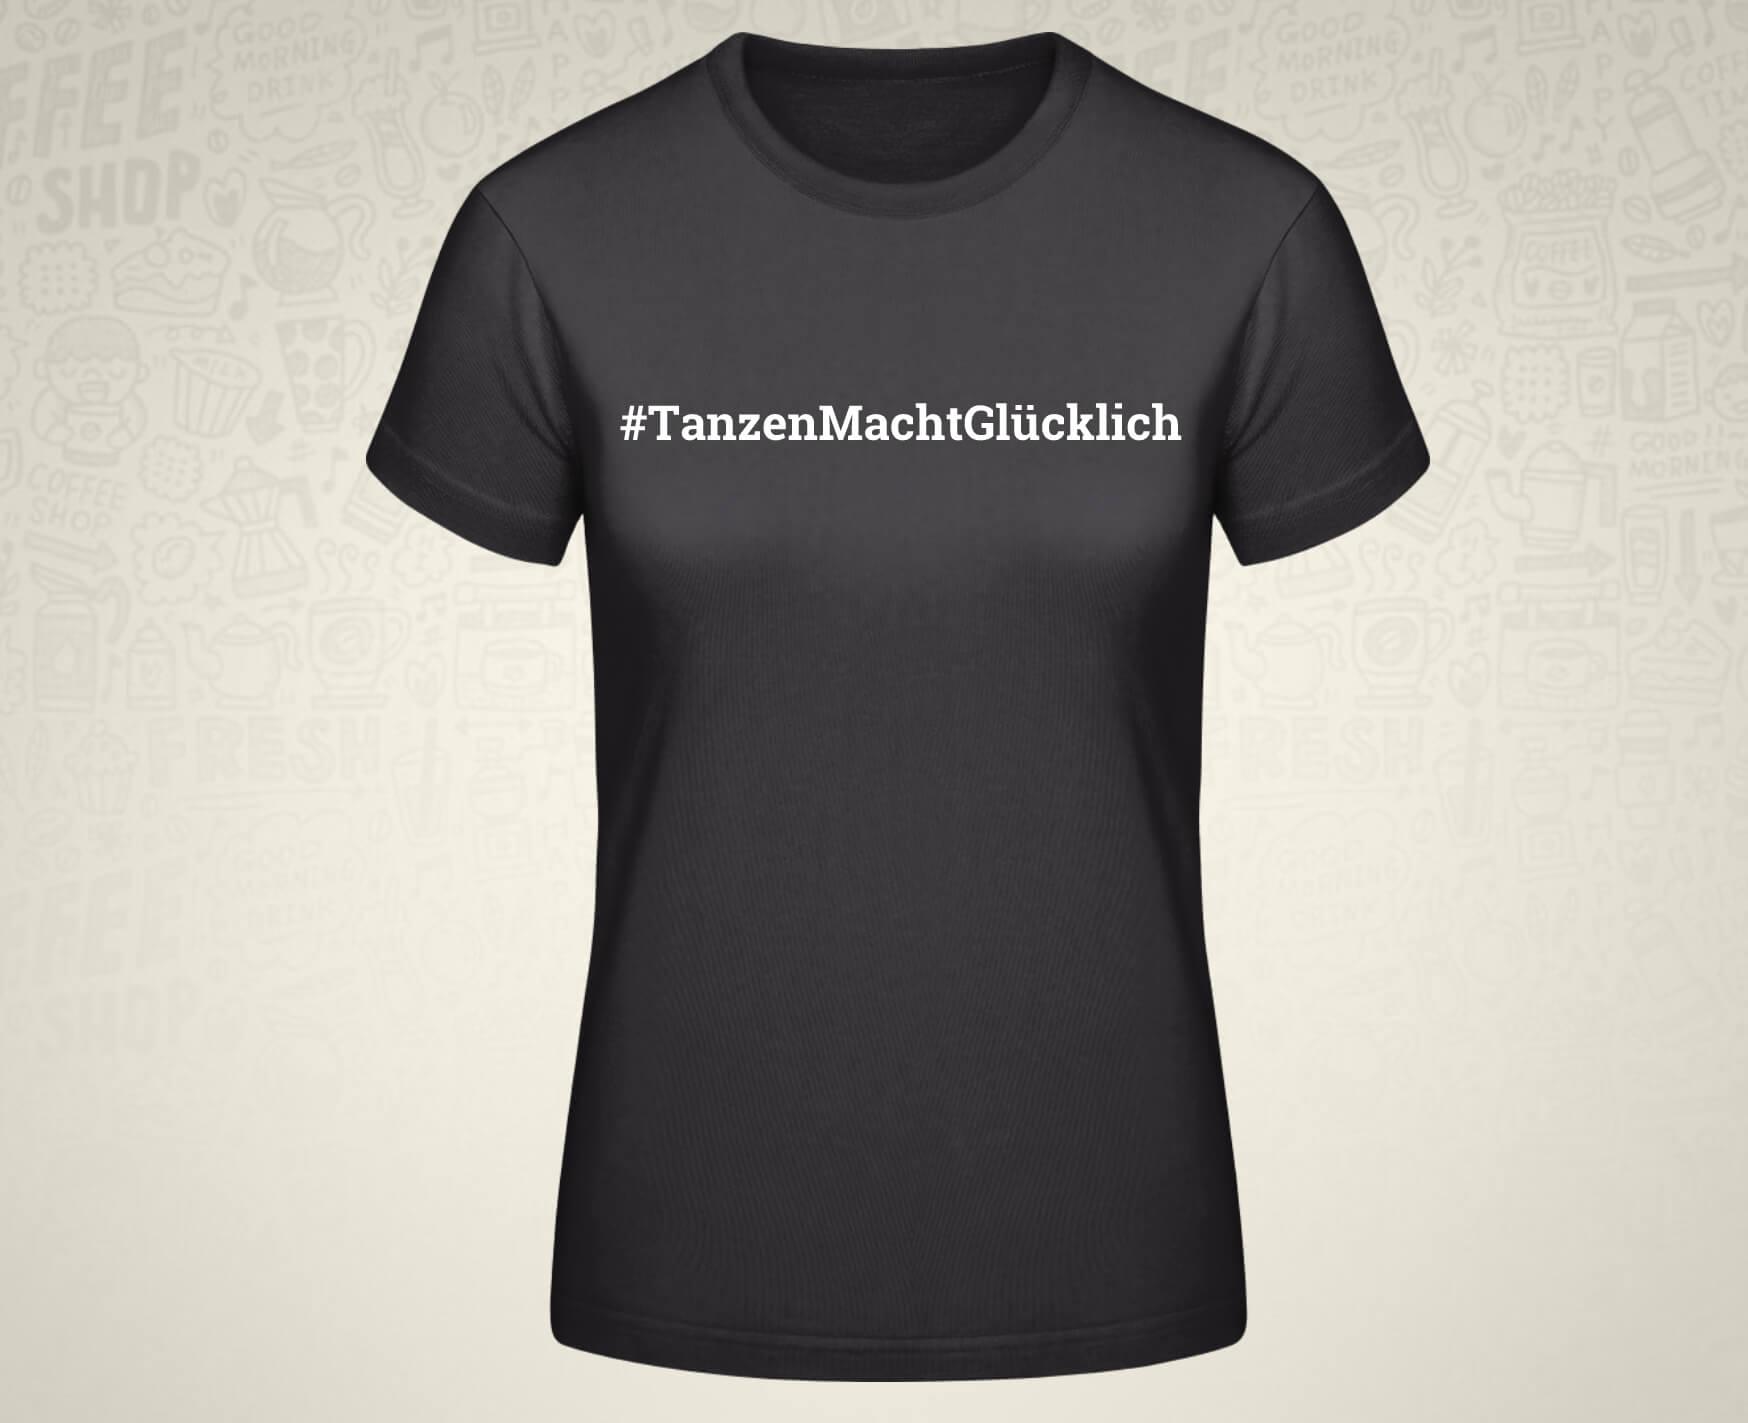 #TanzenMachtGlücklich T-Shirt für Frauen in schwarz